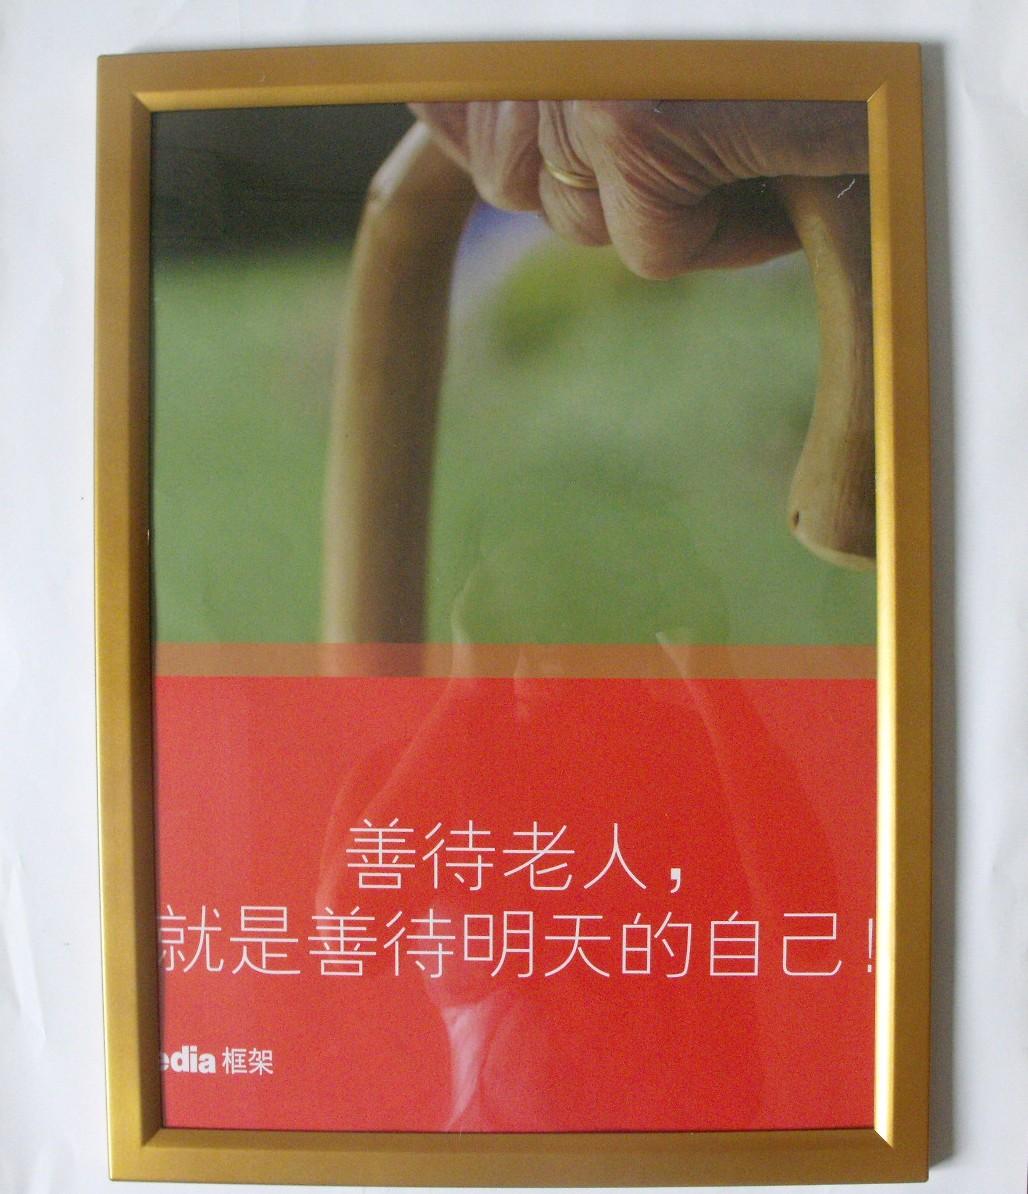 【廠家】a3 33*46洗手間廣告框 衛生間廣告牌 廁所廣告框金色